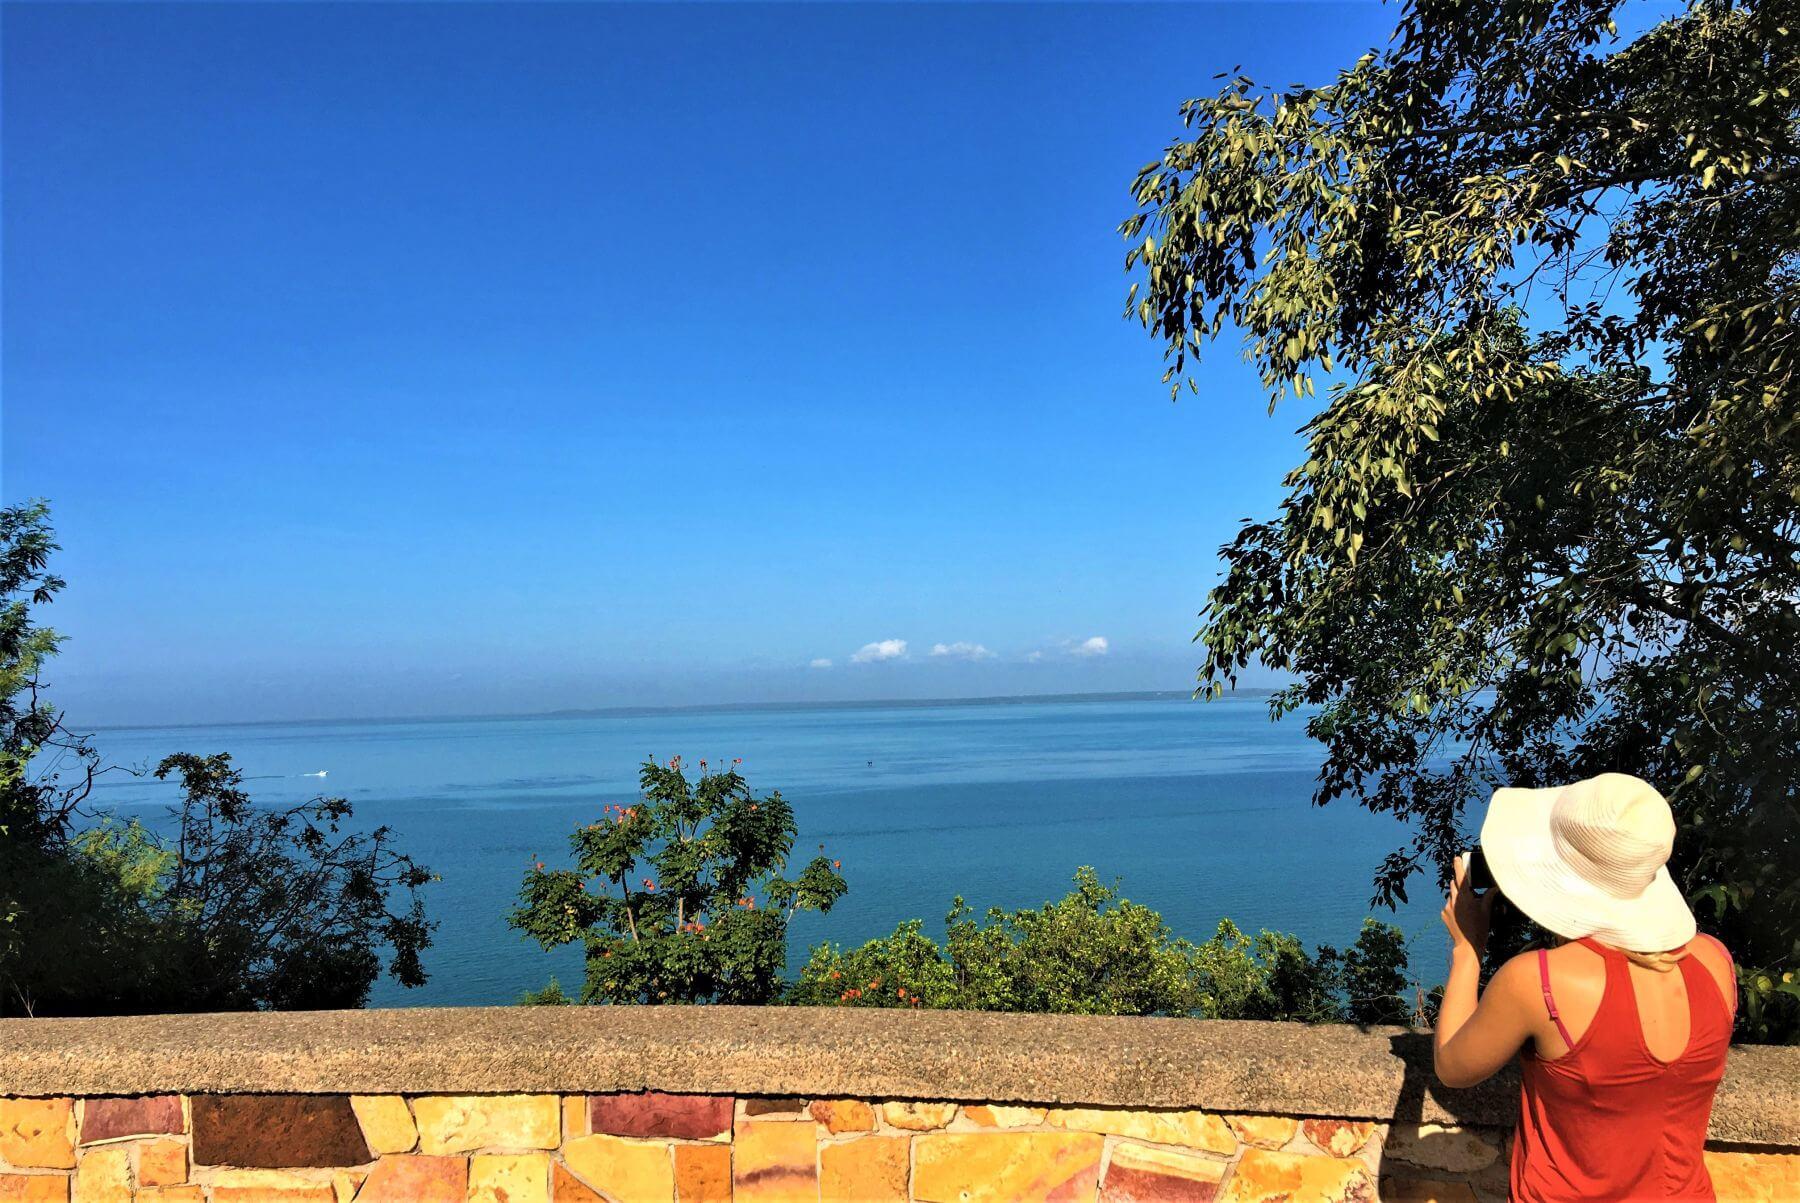 Blick auf die Timorsee - Sehenswürdigkeit in Darwin